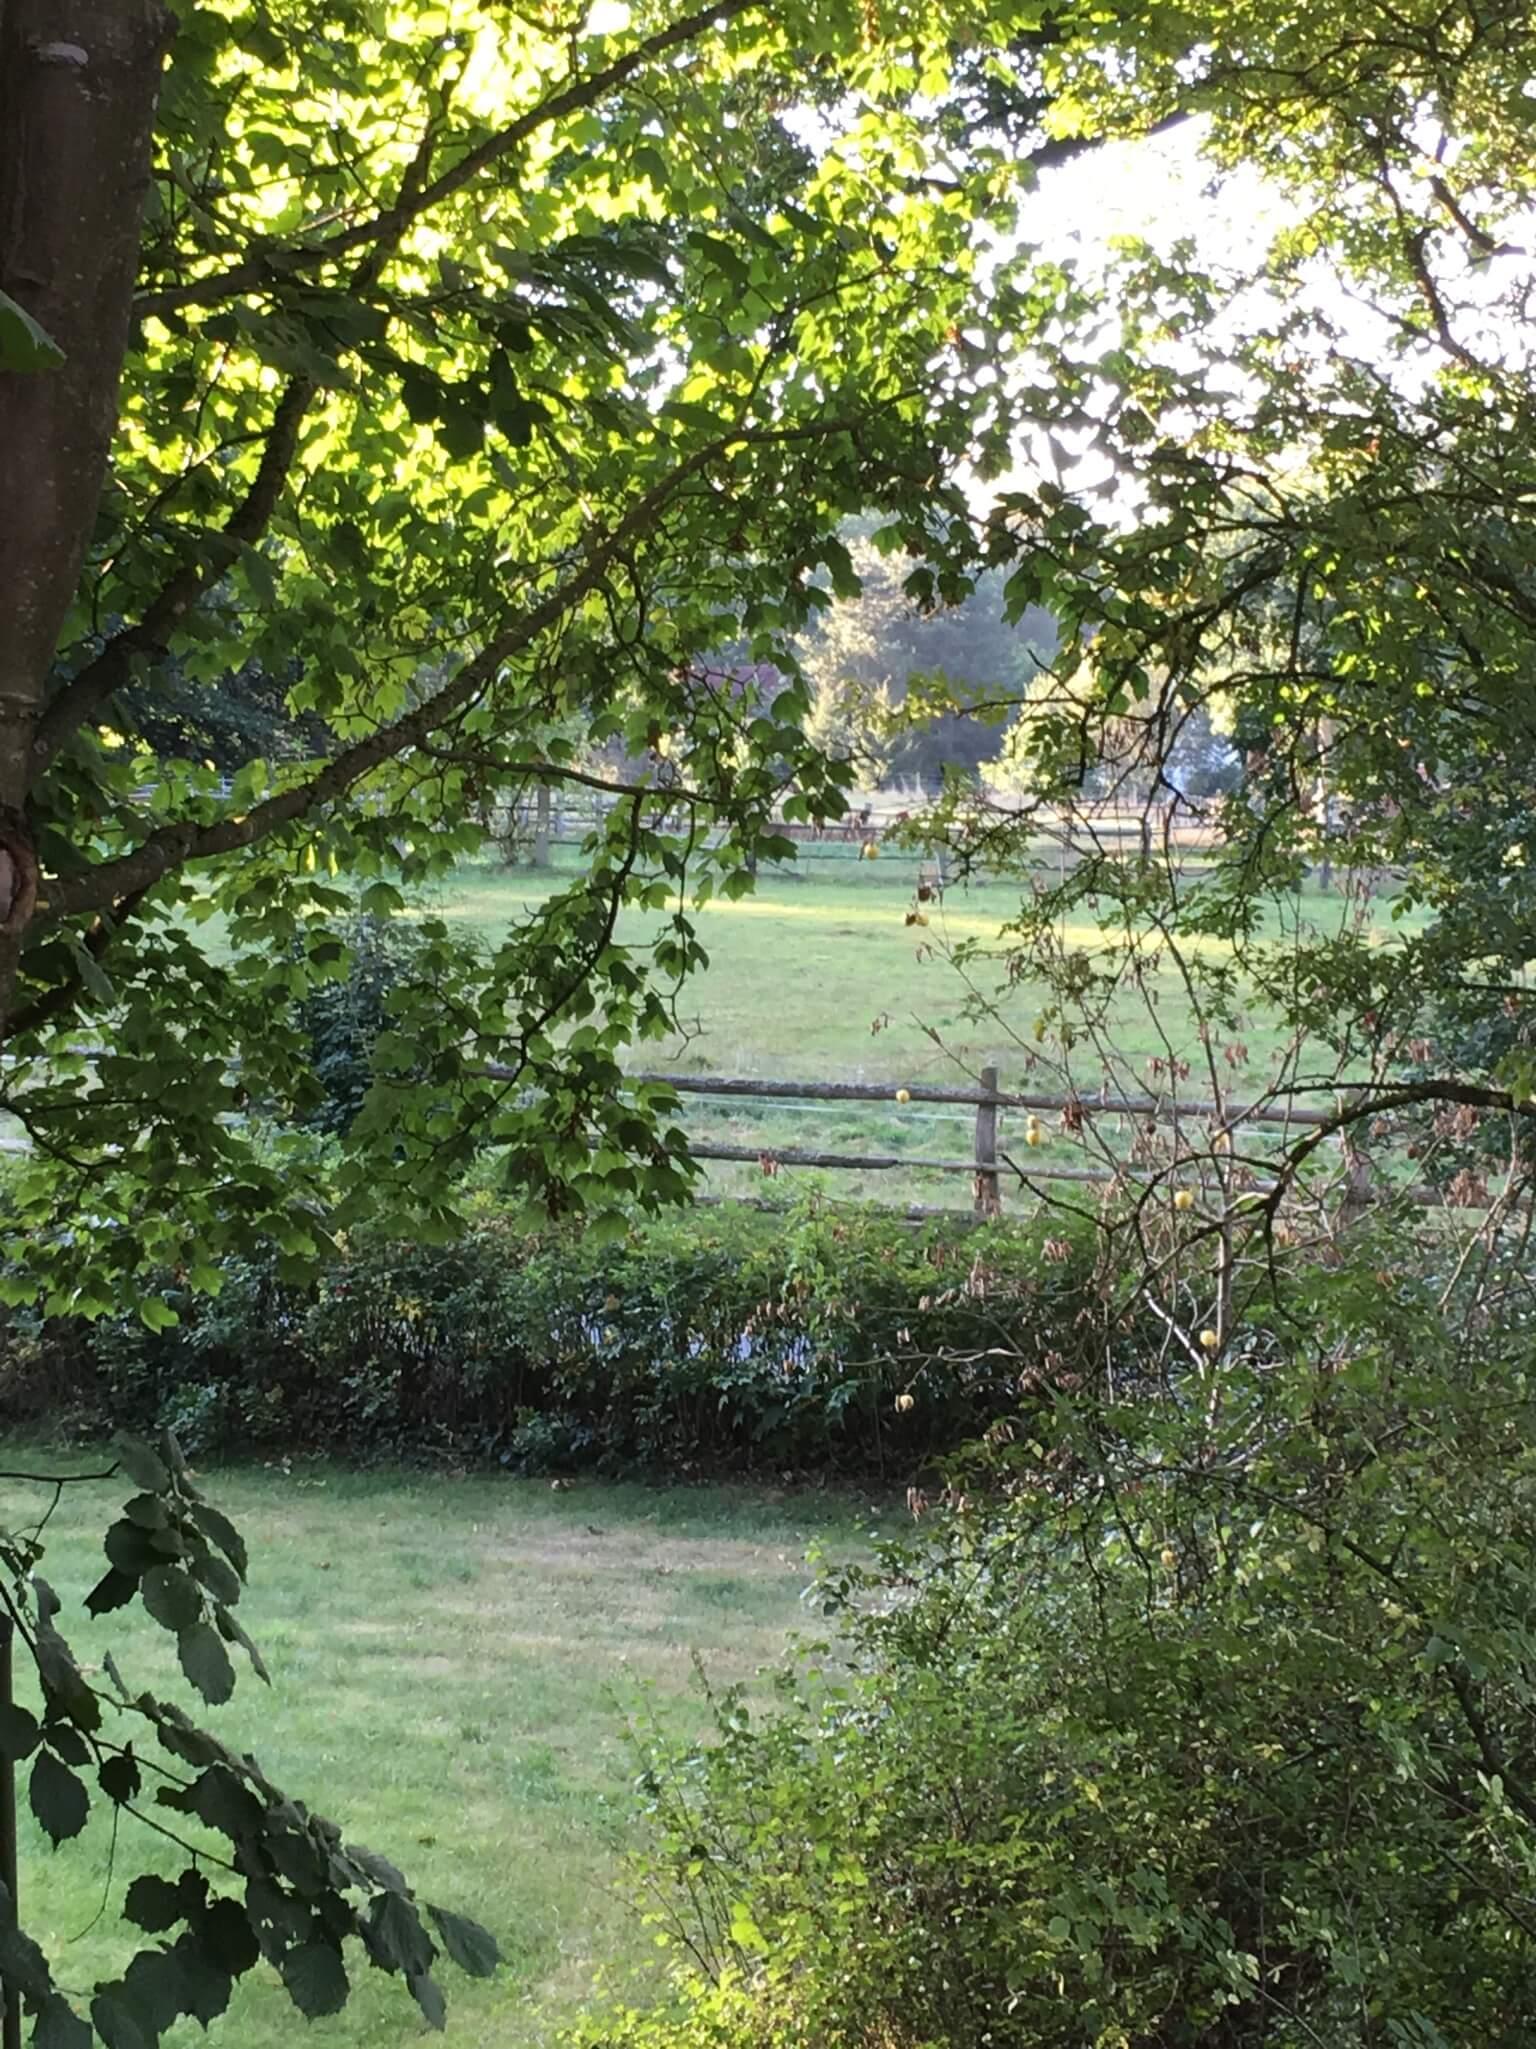 Blick nach draußen durch die Bäume über die Weiden